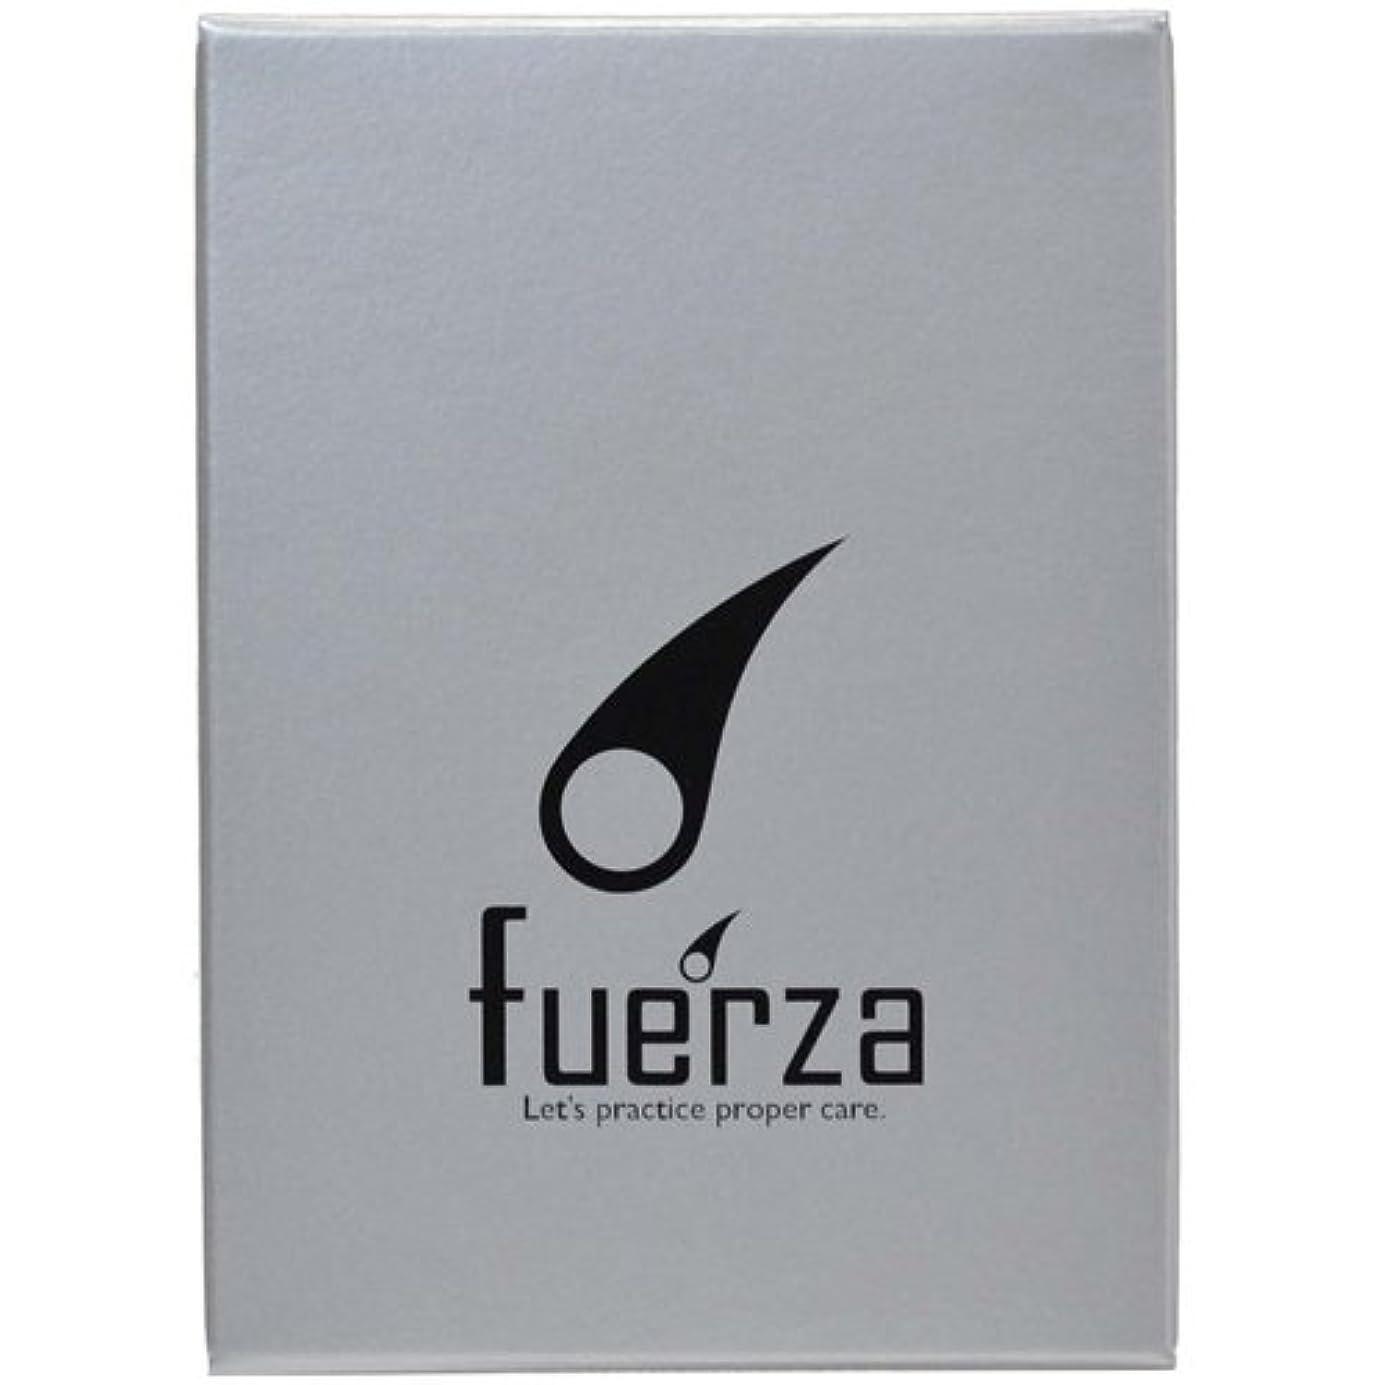 ピアース柱制限するfuerza(フェルサ) ノコギリヤシミレットサプリ60粒